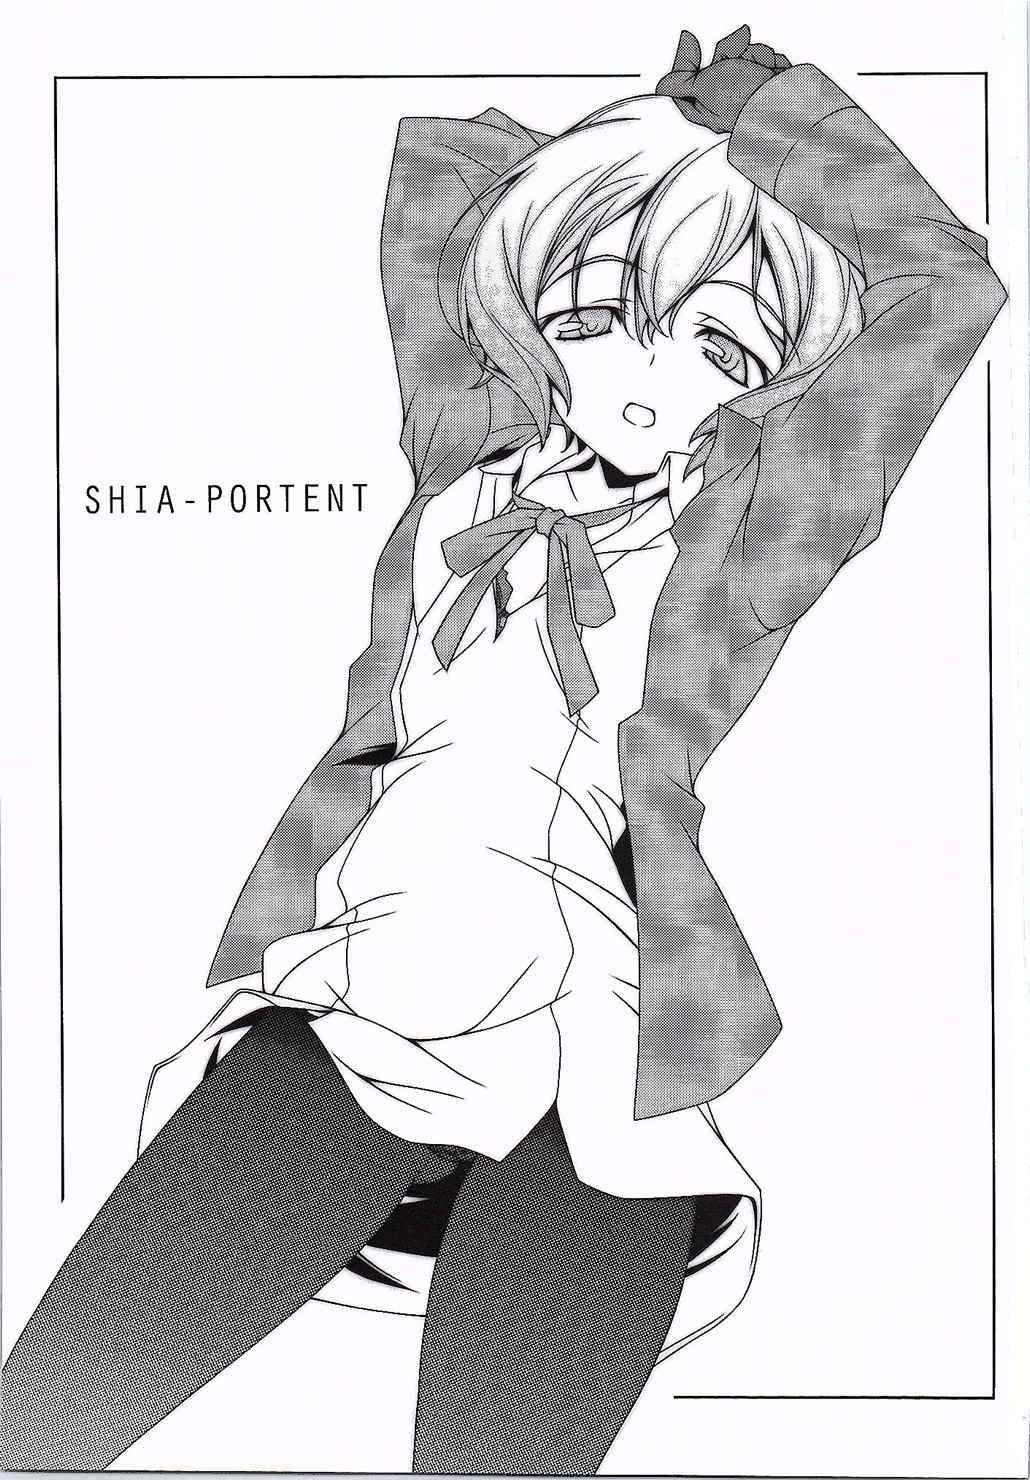 【エロ漫画】キジマ・シア「パーツのつけ忘れには注意しなきゃ」おじさまにおまんこに大量中出しされて妊娠不可避wwwwww